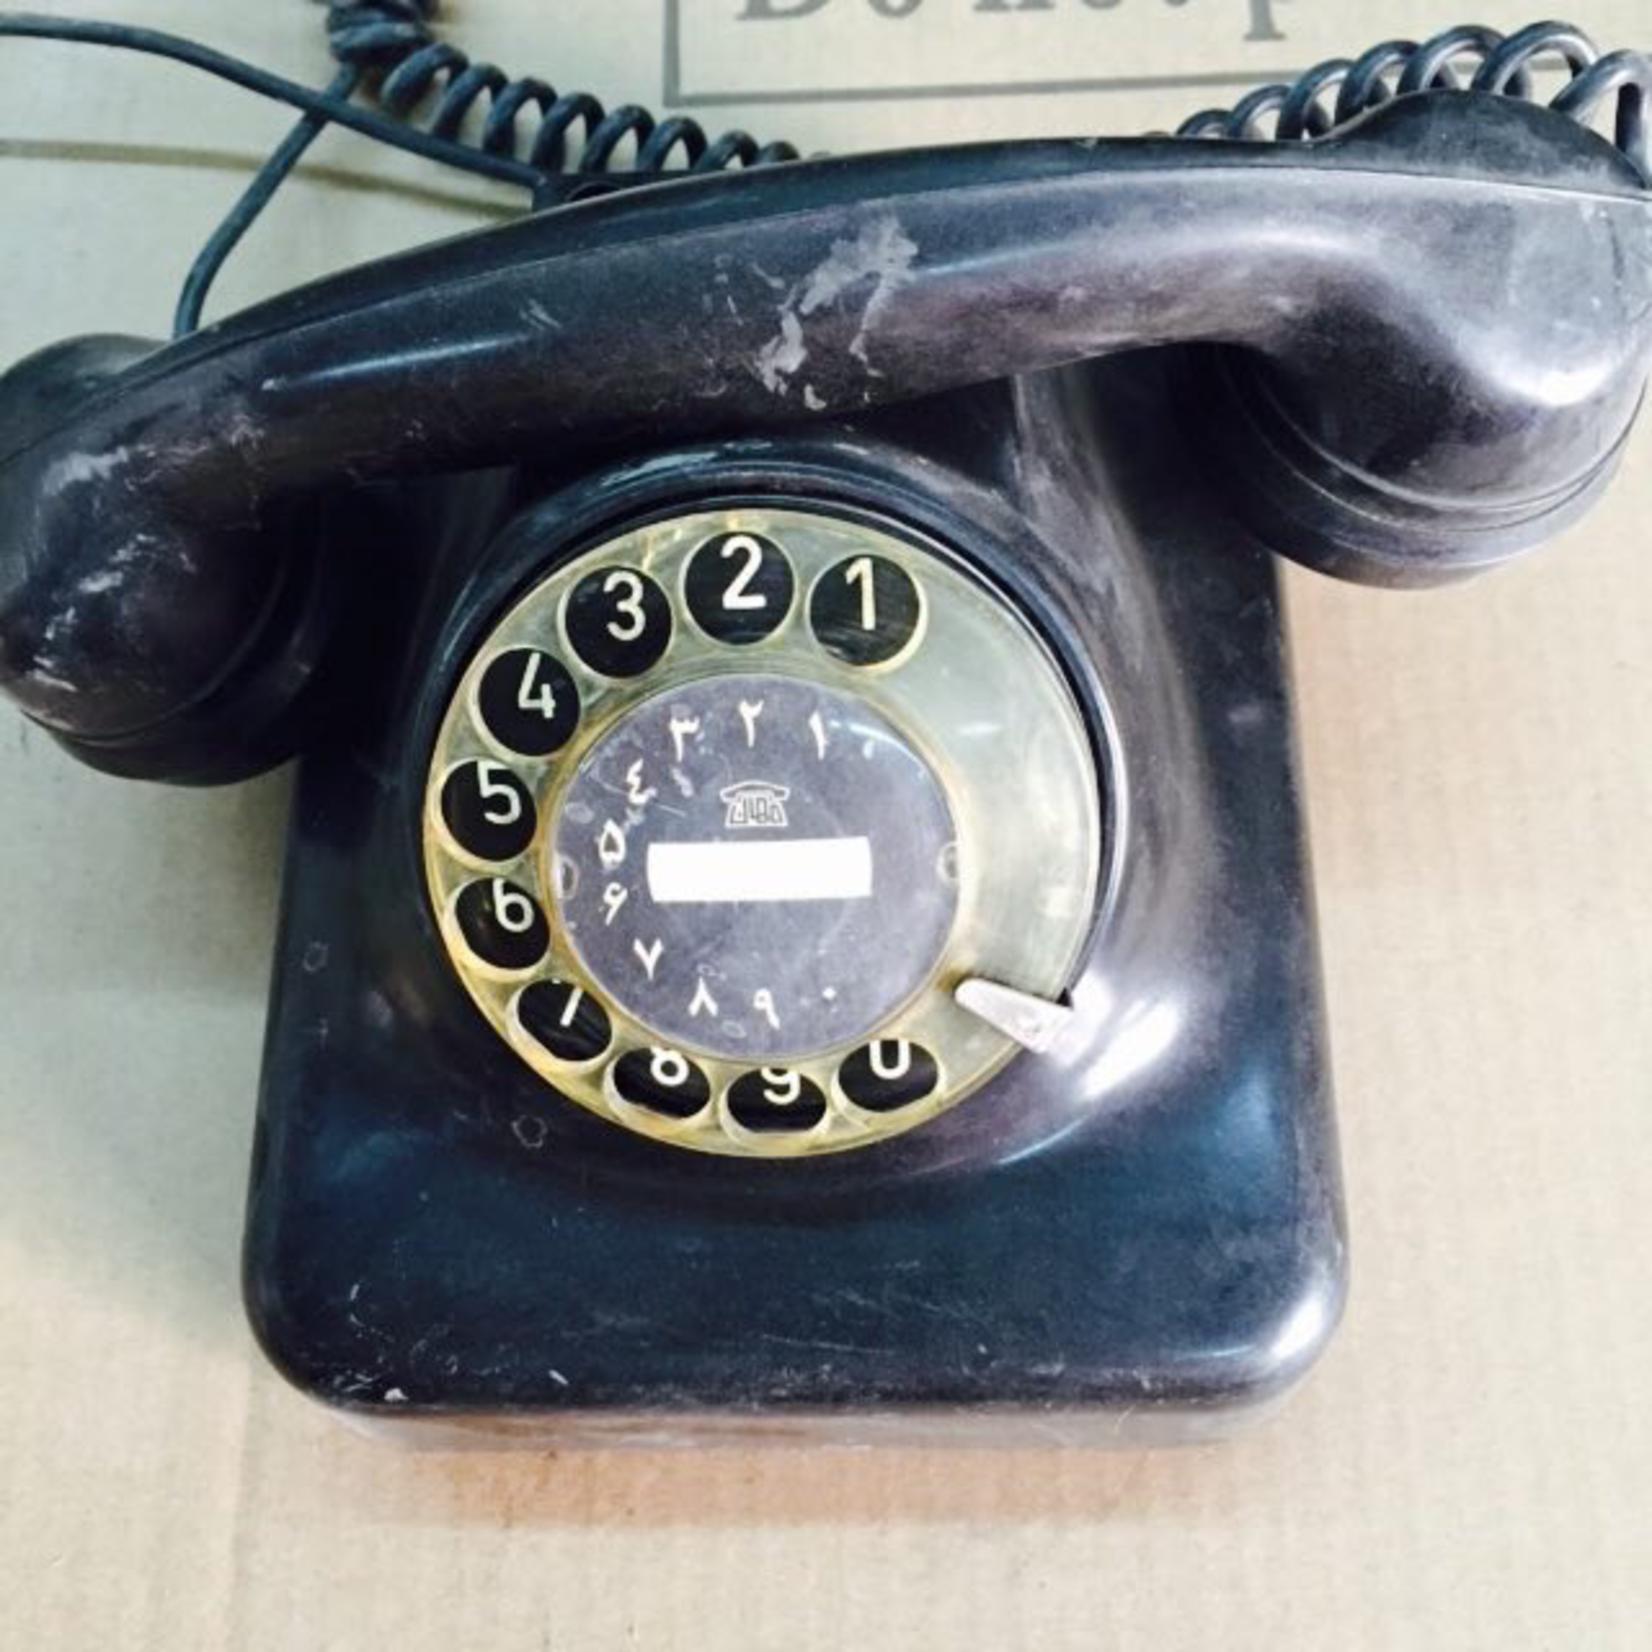 TAJHOME VINTAGE BLACK PHONE